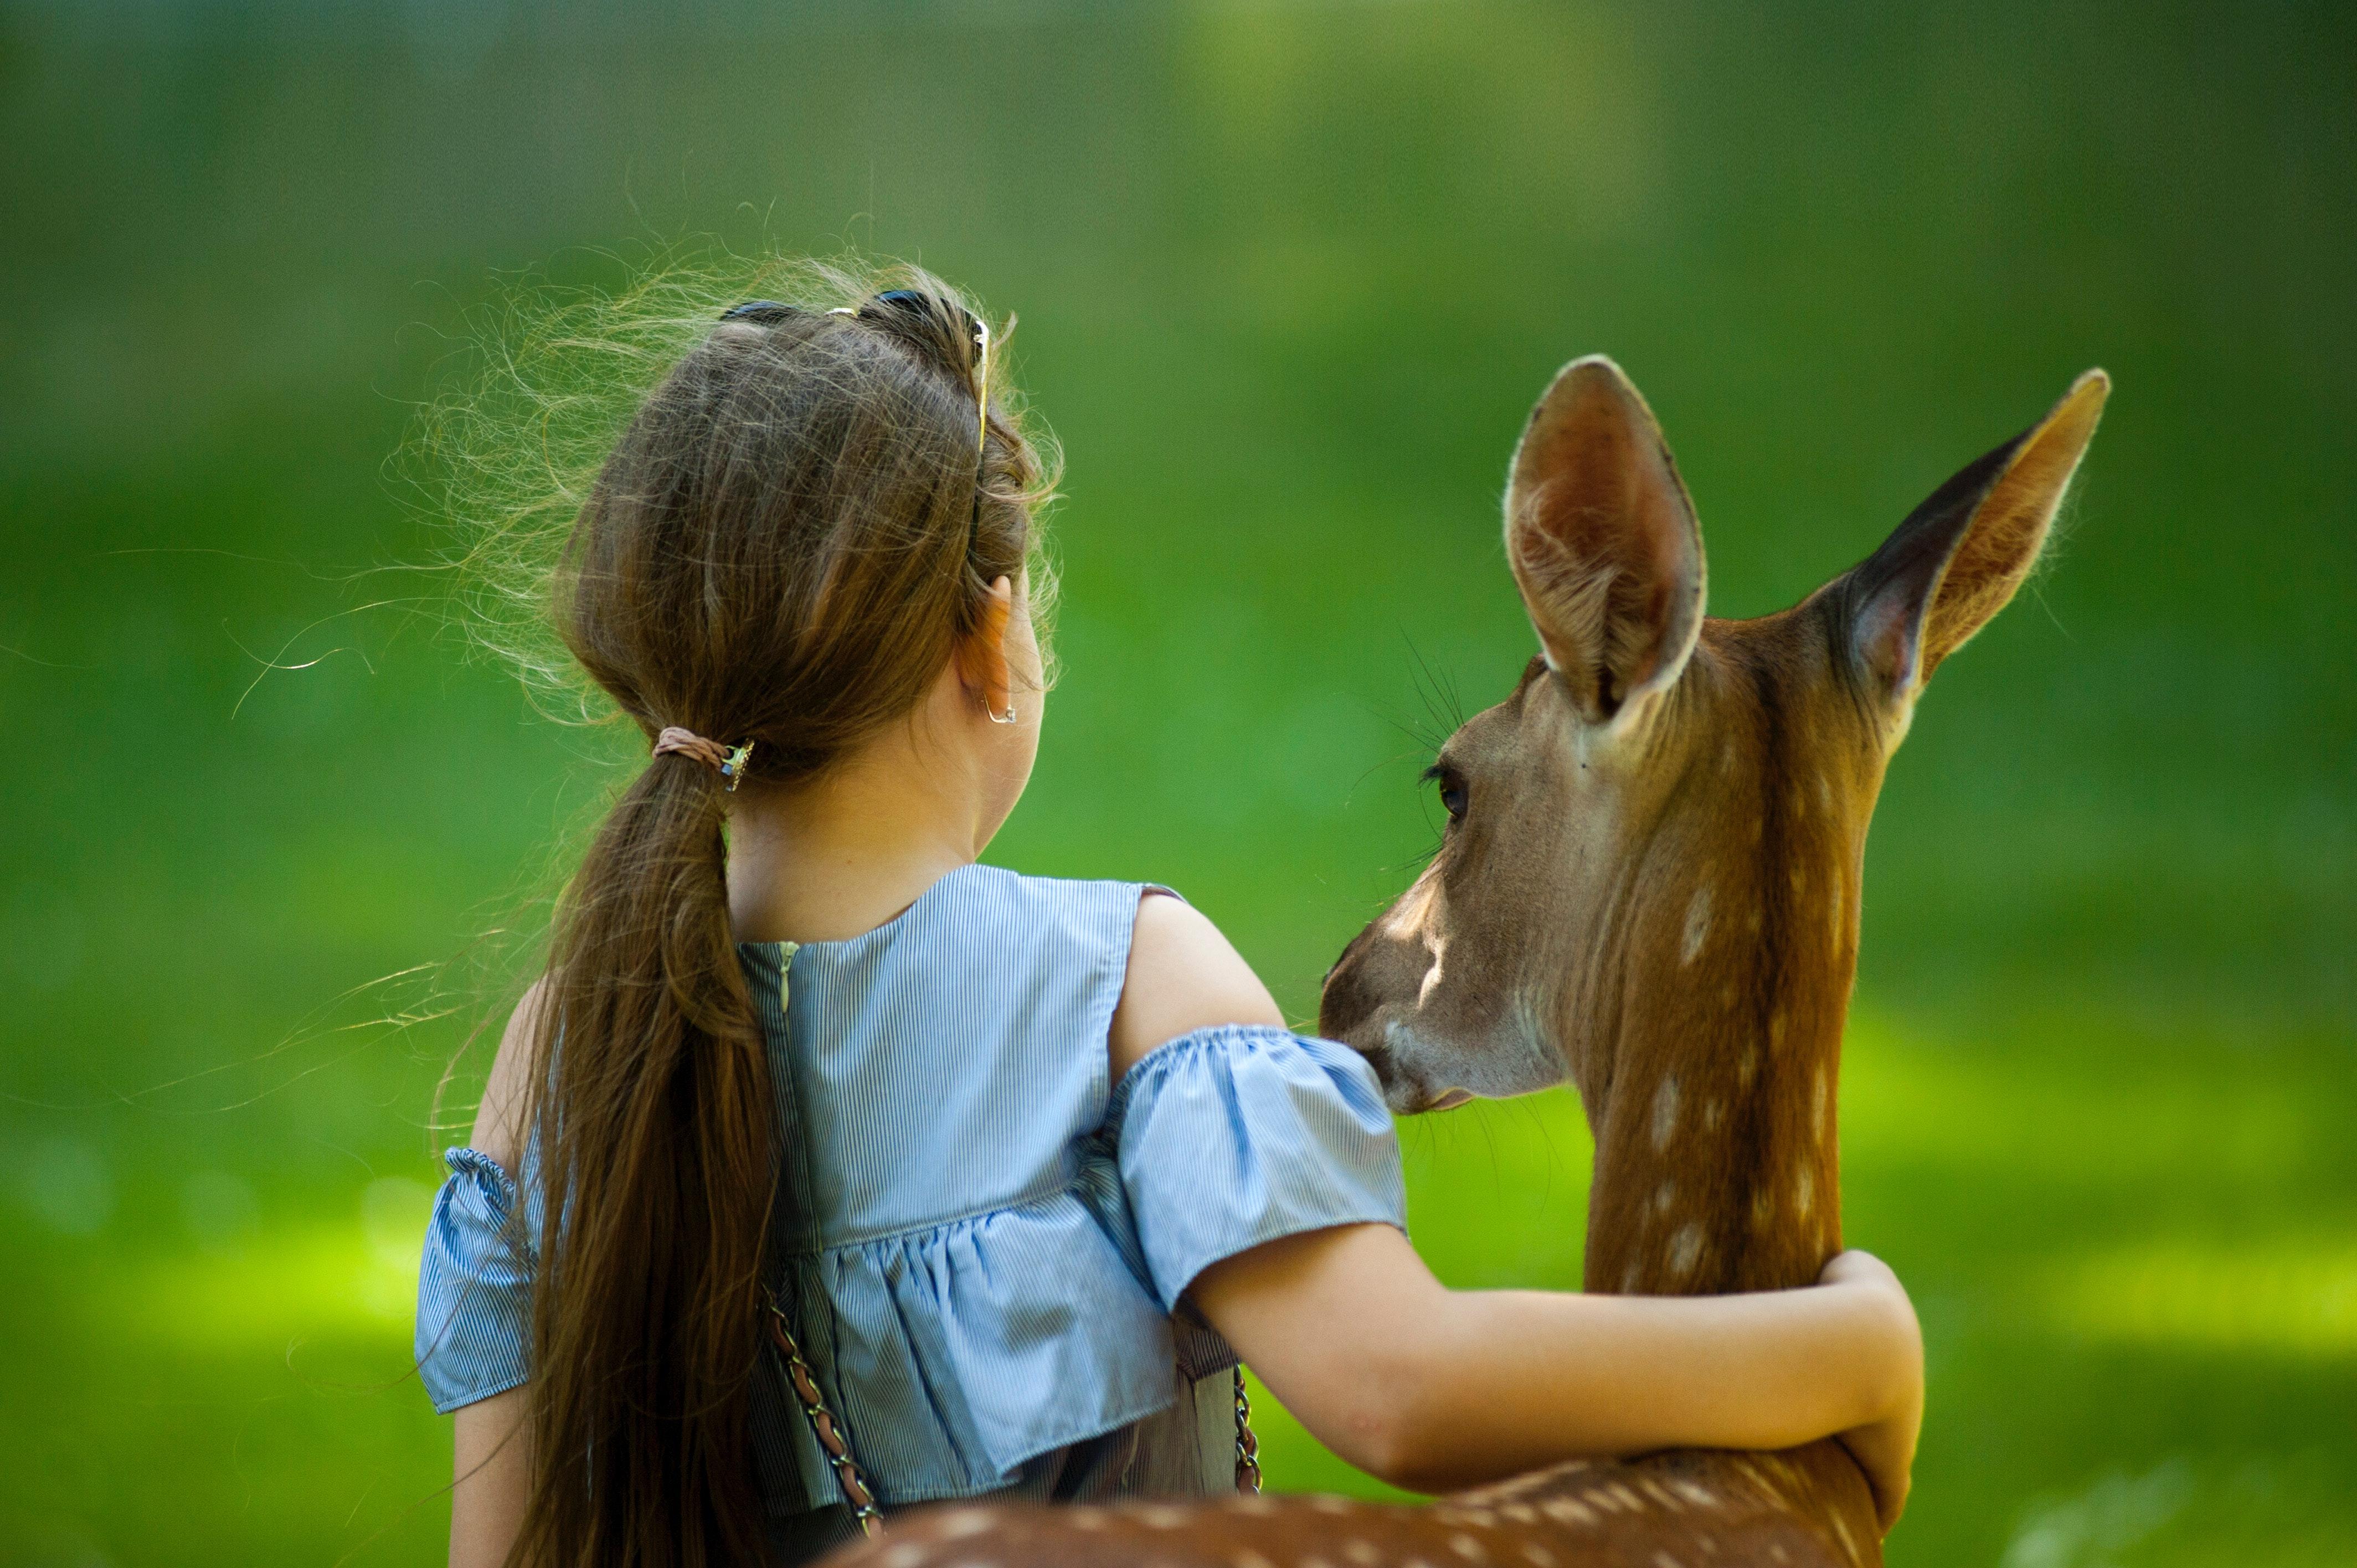 menina abraçando um cervo